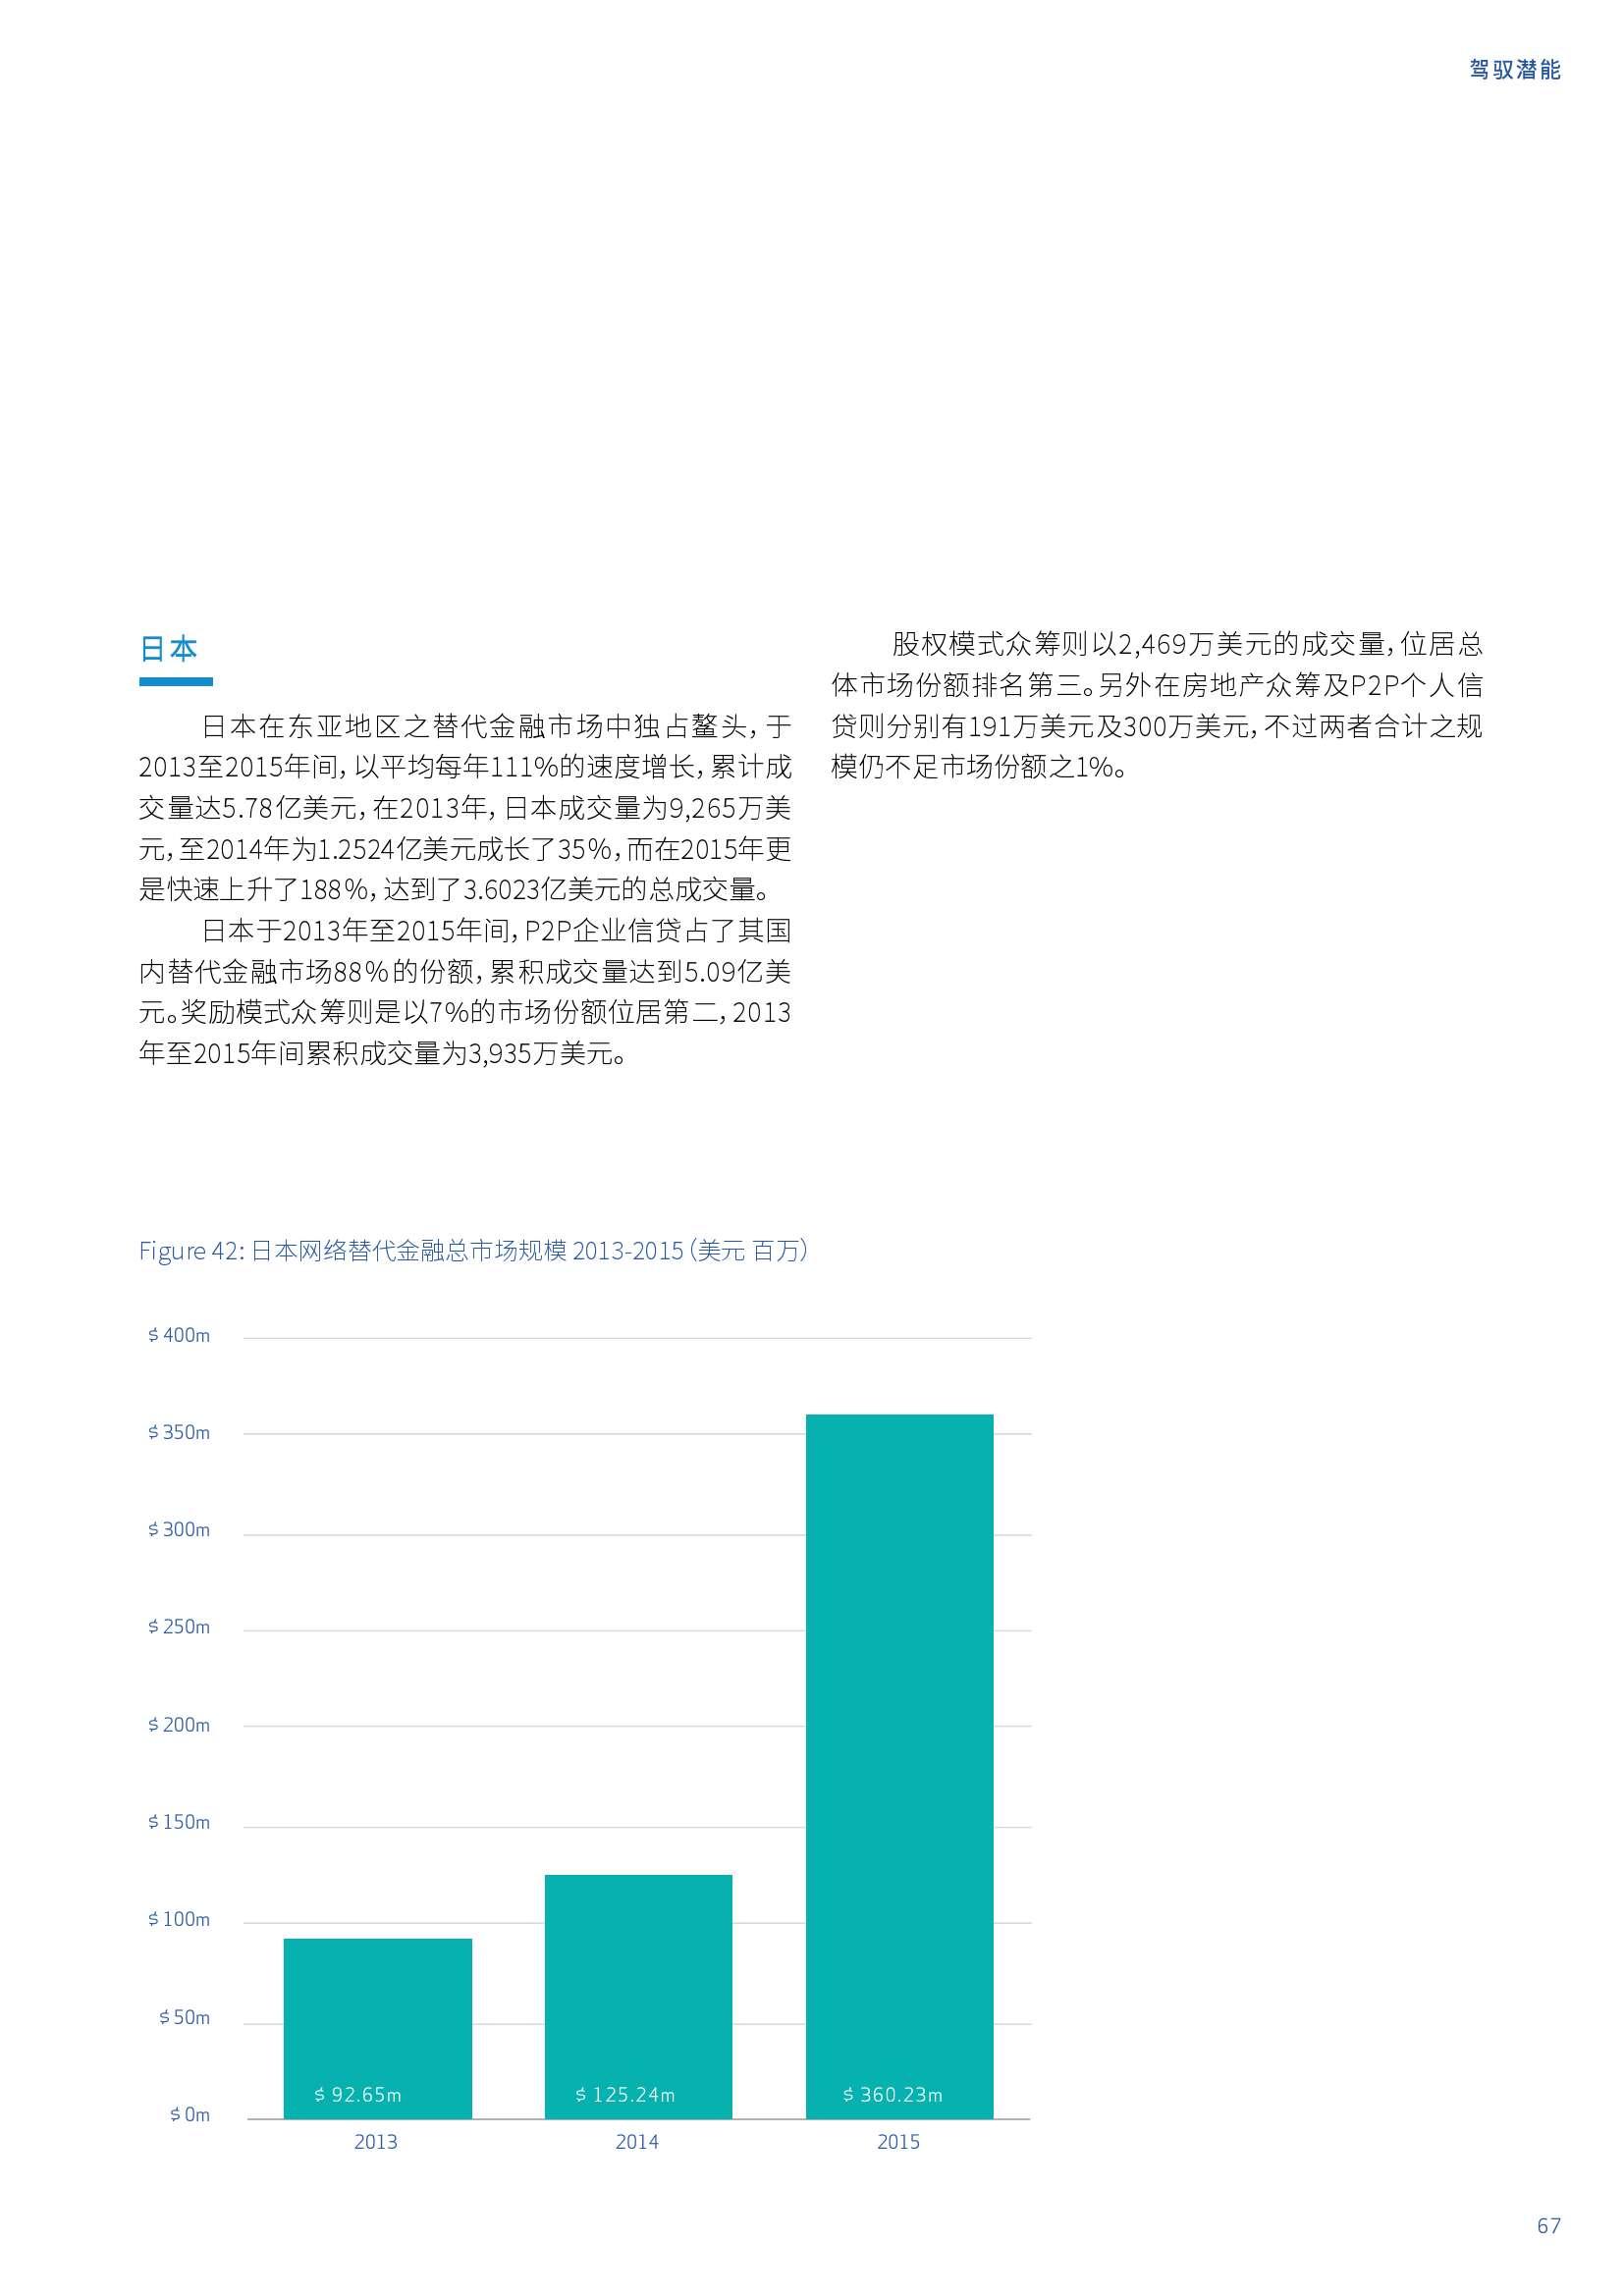 亚太地区网络替代金融基准报告_000067